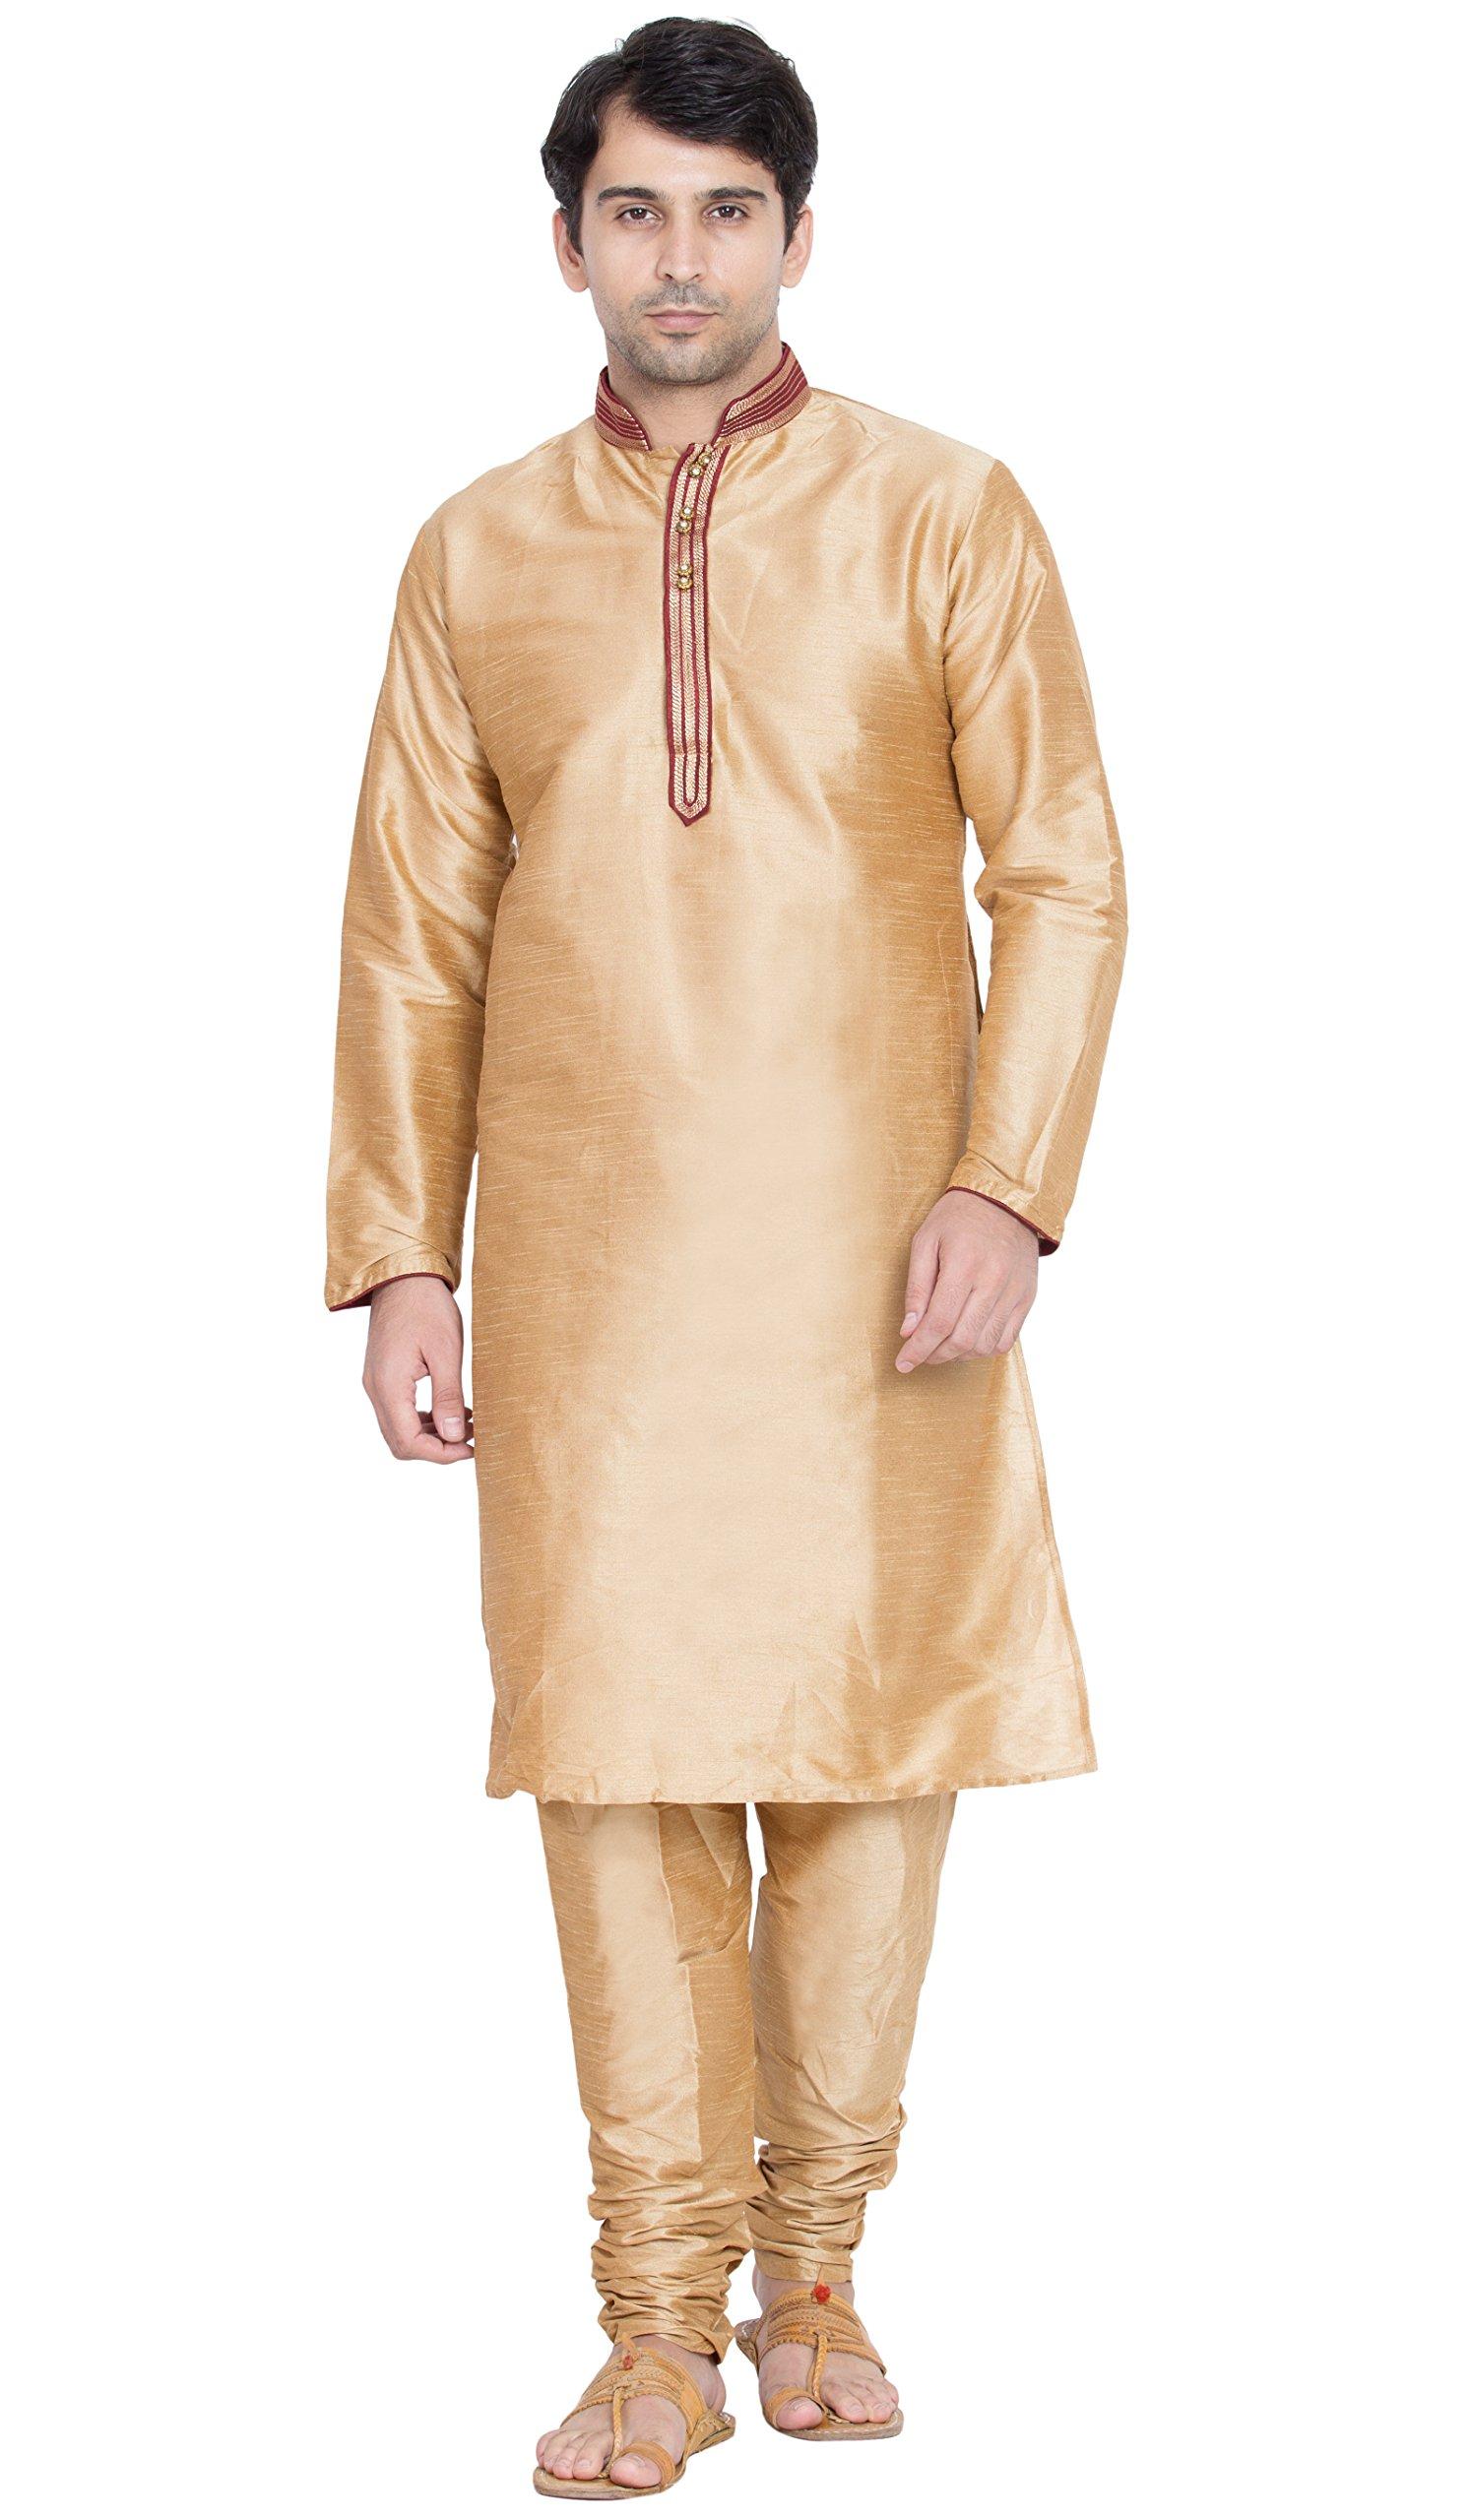 Indian Pajama Kurta Handmade Traditional Dress Long Sleeve Shirt Salwar Kameez -L